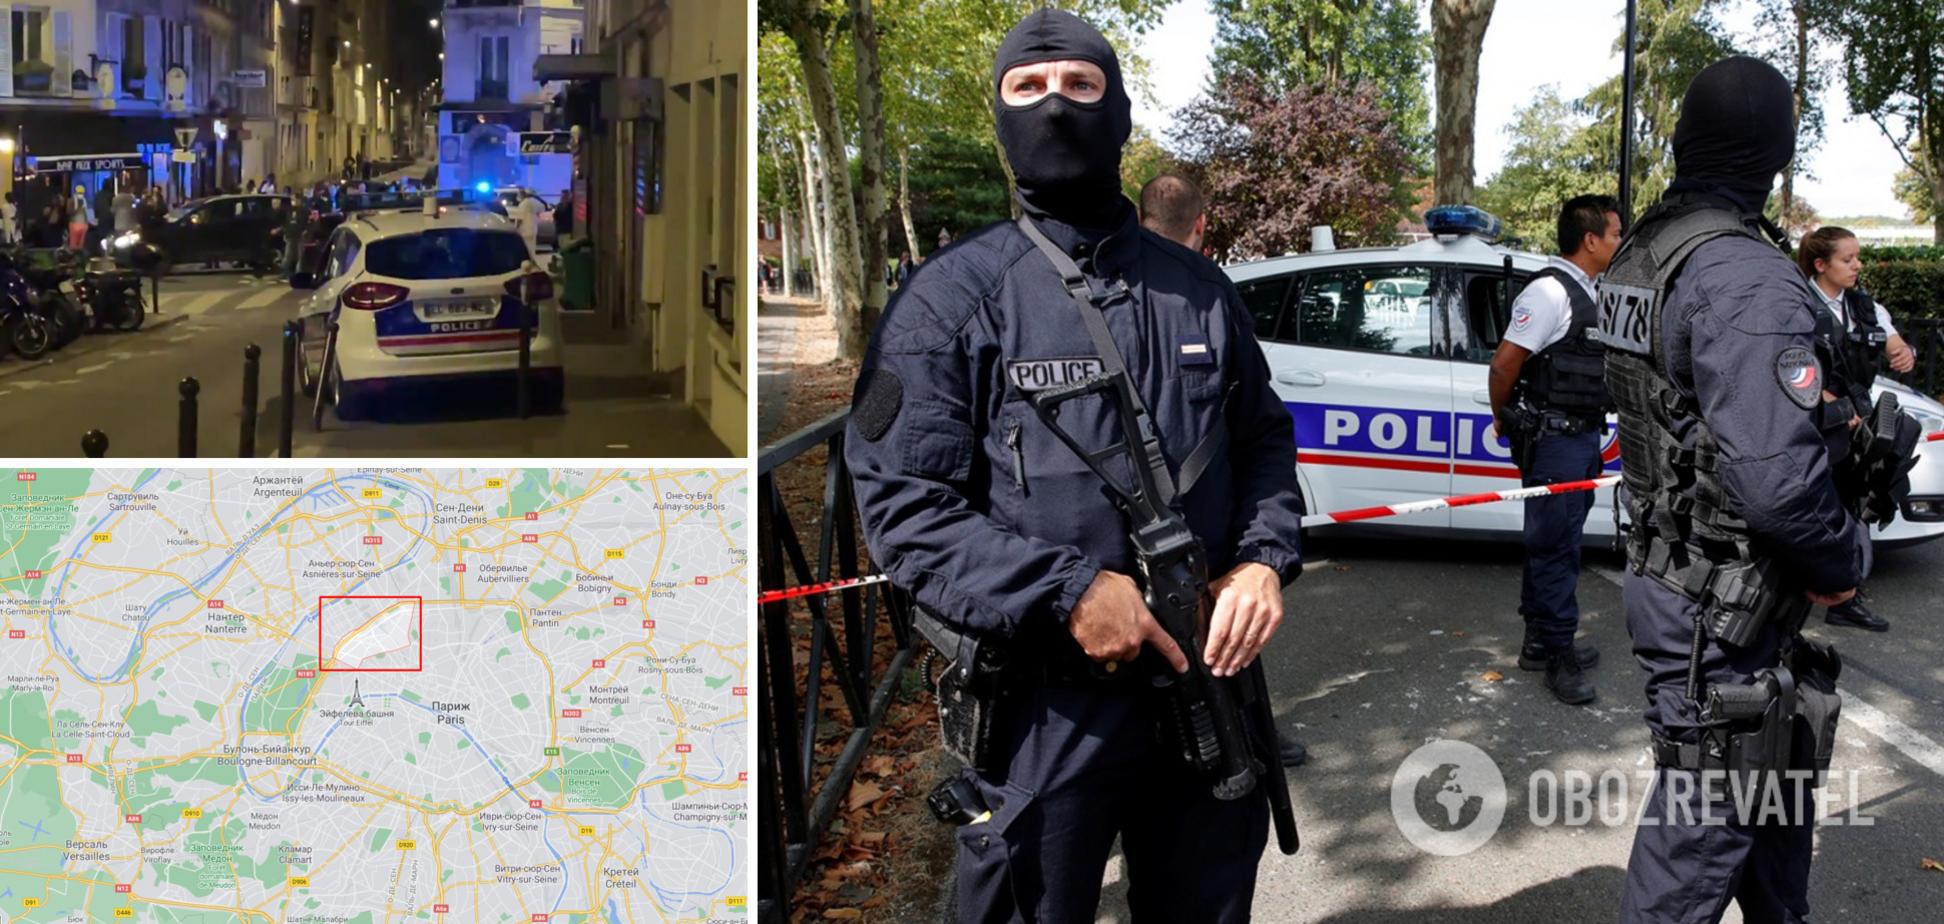 У Парижі автомобіль влетів в бар: є жертви, оголошено спецоперацію. Фото та відео